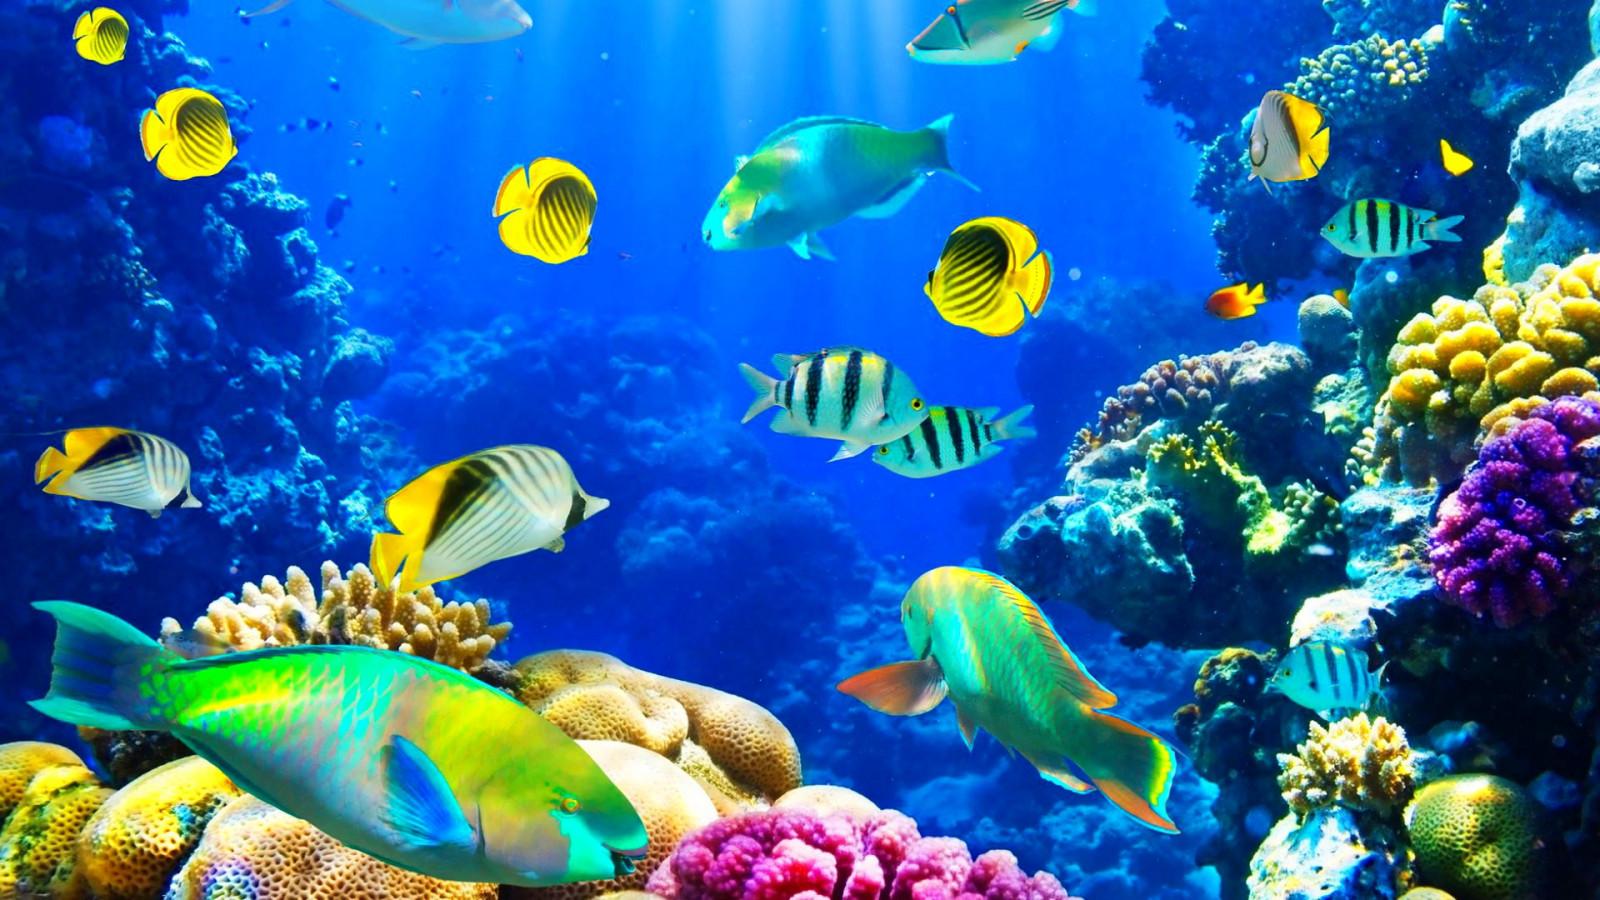 Красивые картинки с рыбками, днем рождения дочка